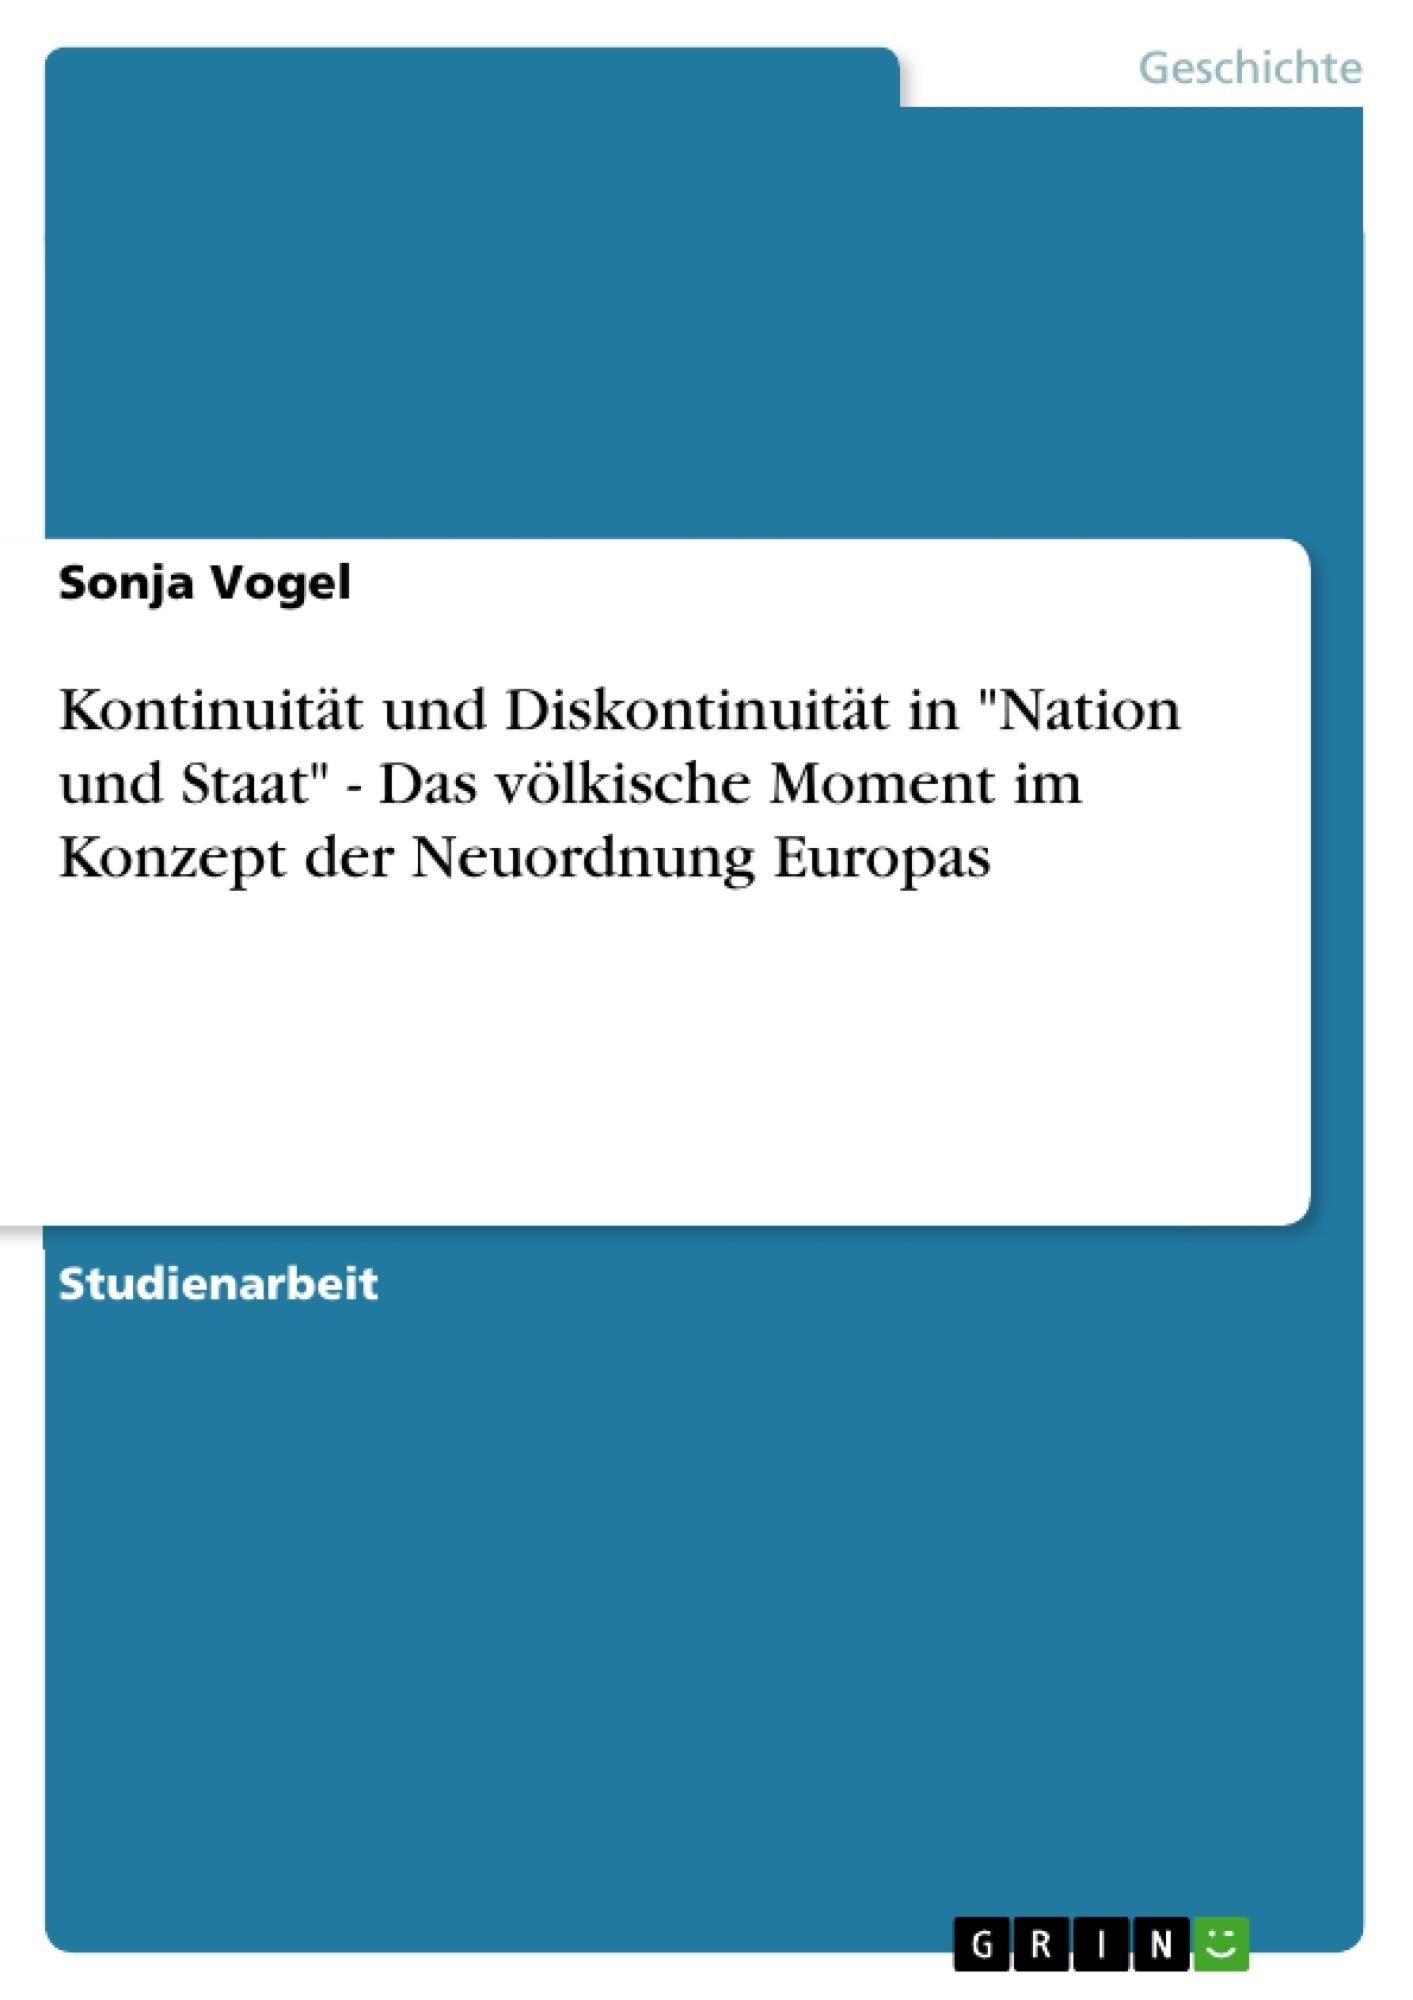 """Titel: Kontinuität und Diskontinuität in """"Nation und Staat"""" - Das völkische Moment im Konzept der Neuordnung Europas"""